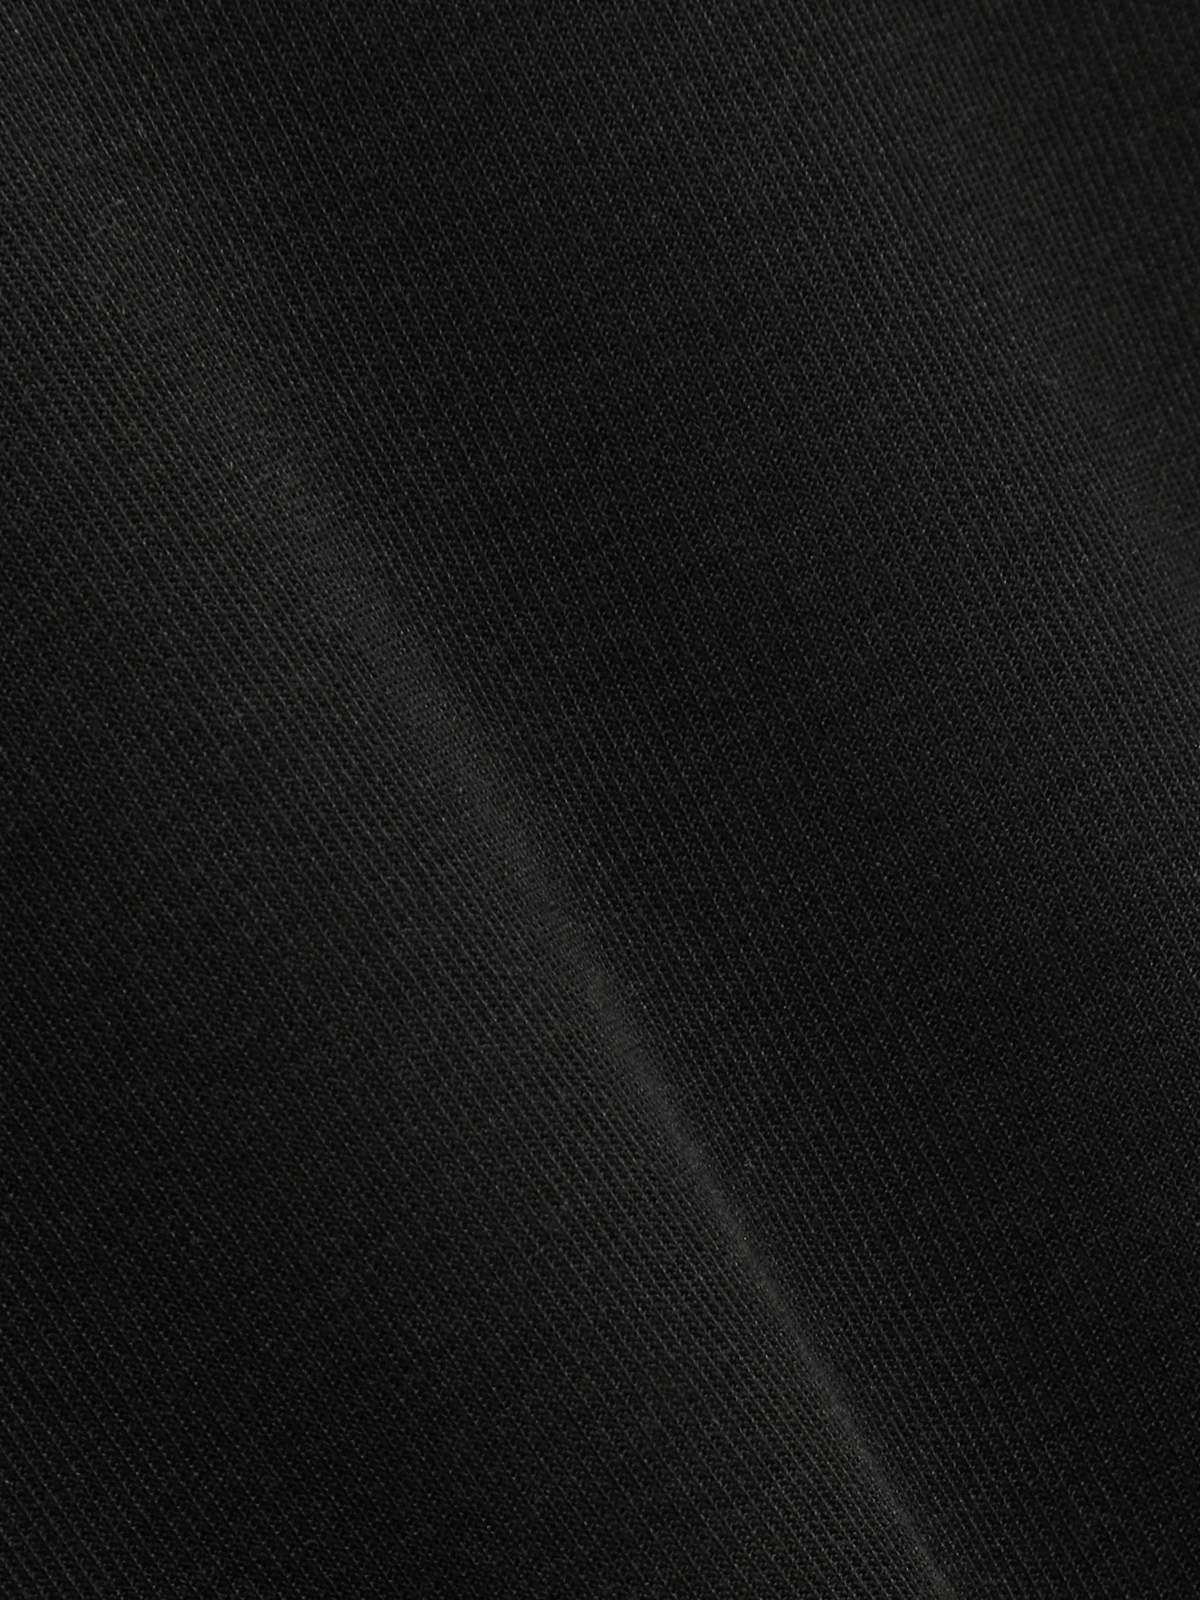 V Neck Flared Short Sleeves Top Black